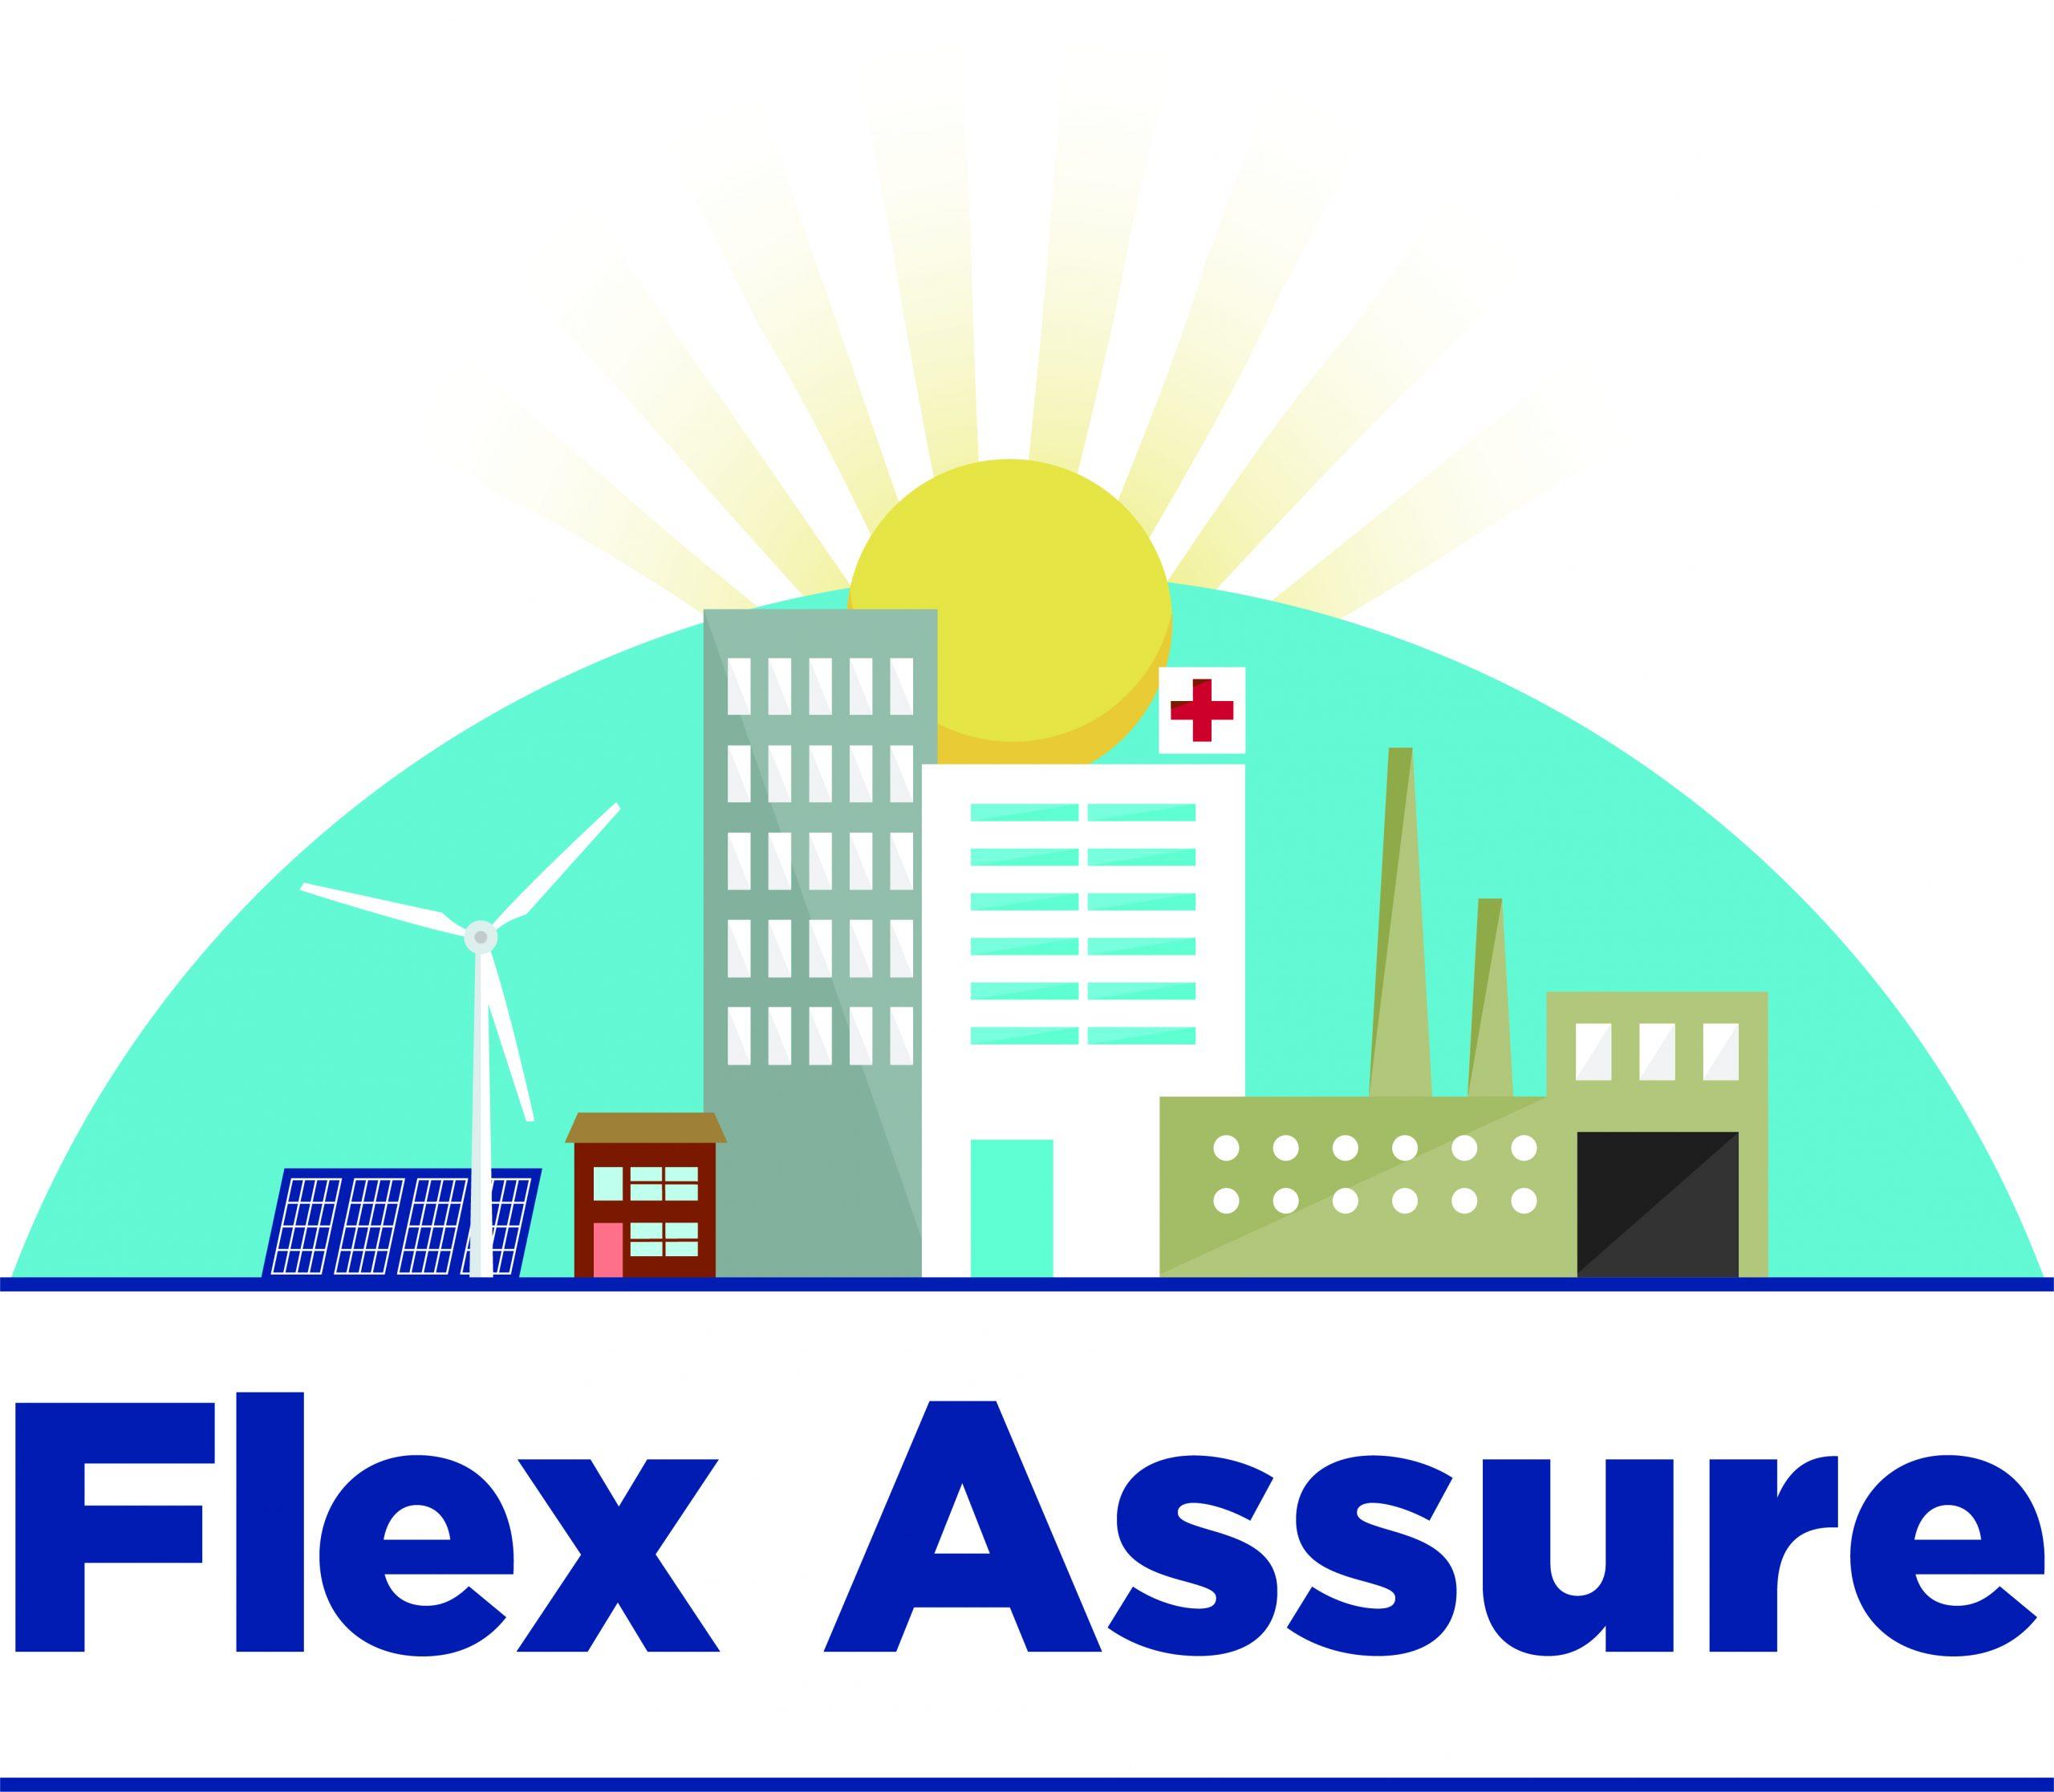 Flex Assure